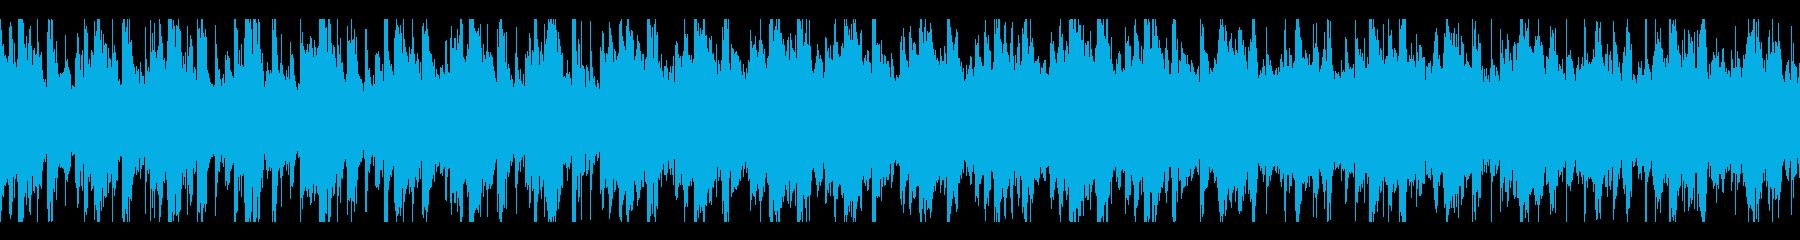 近未来SFミステリーをイメージしたBGMの再生済みの波形